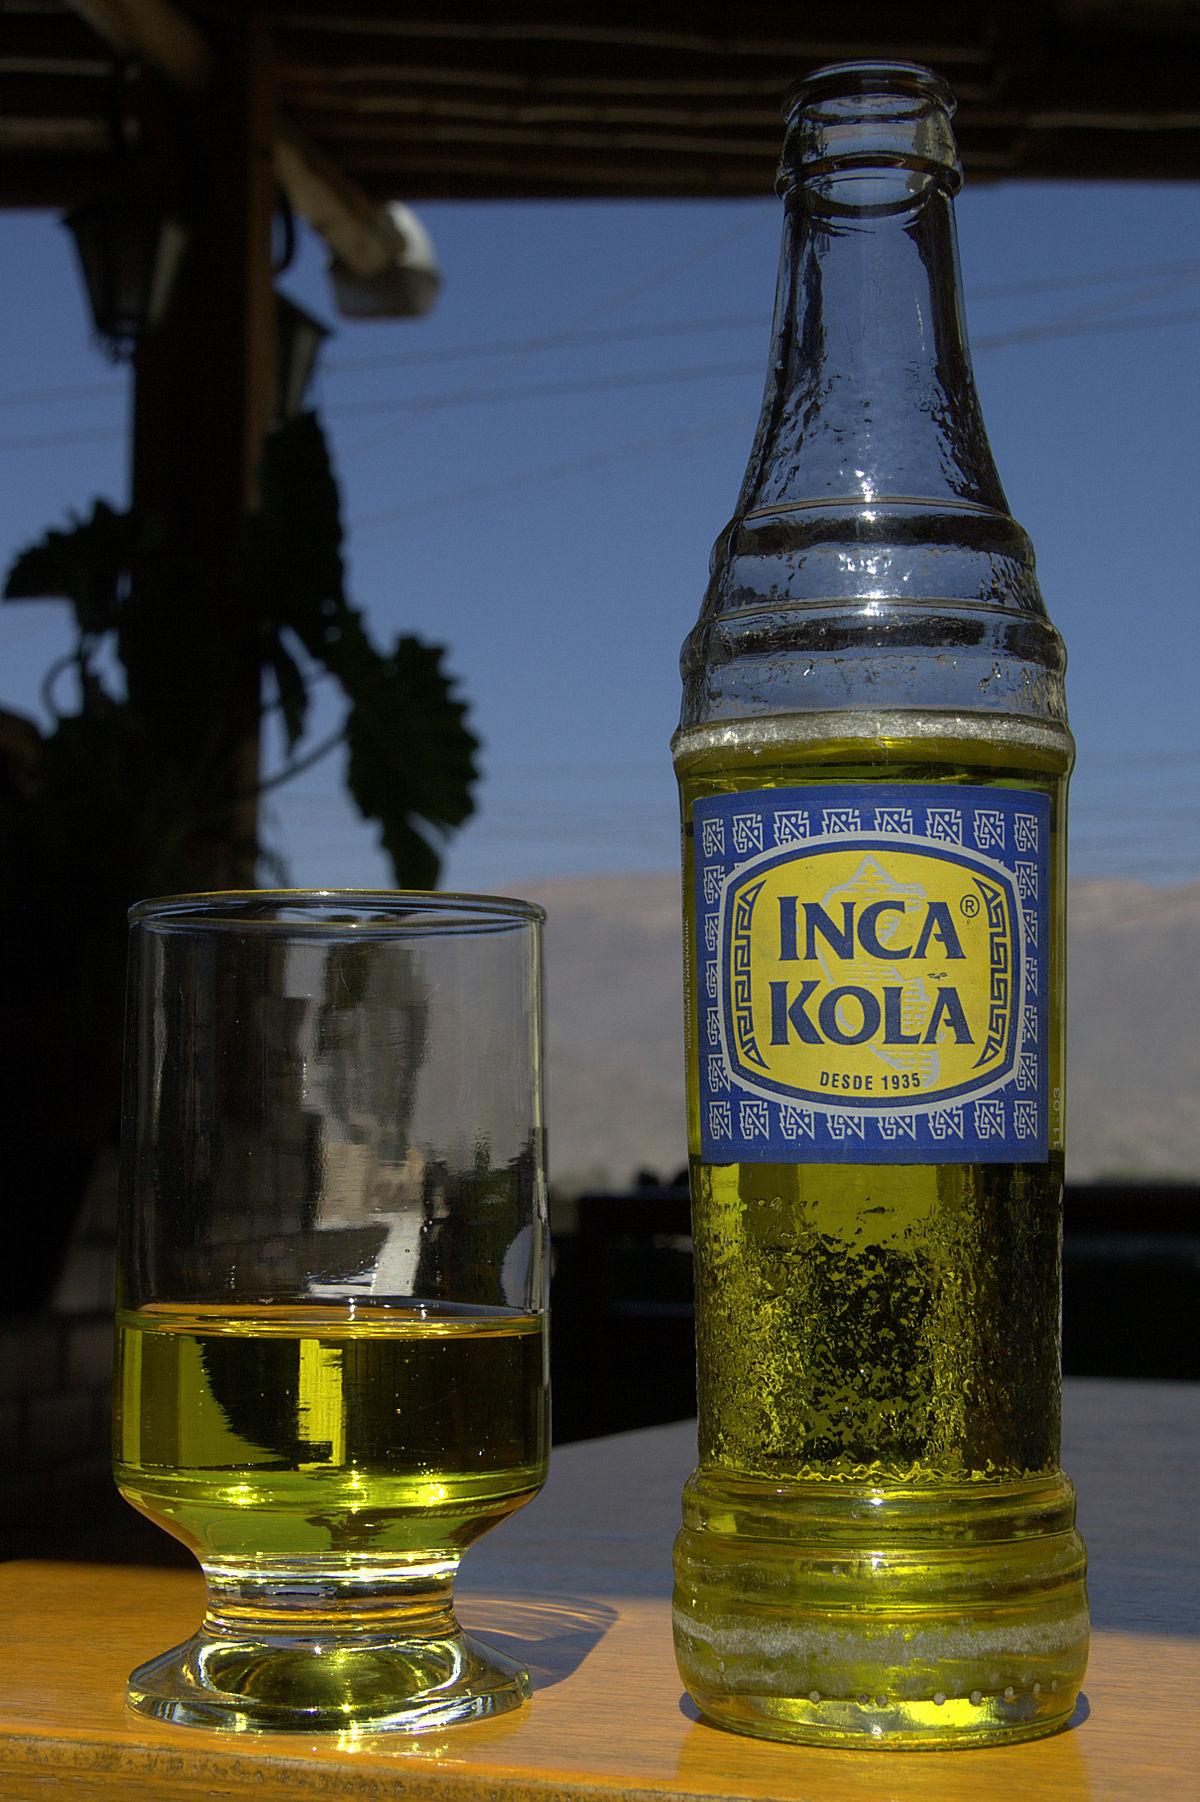 Resultado de imagen para inca kola